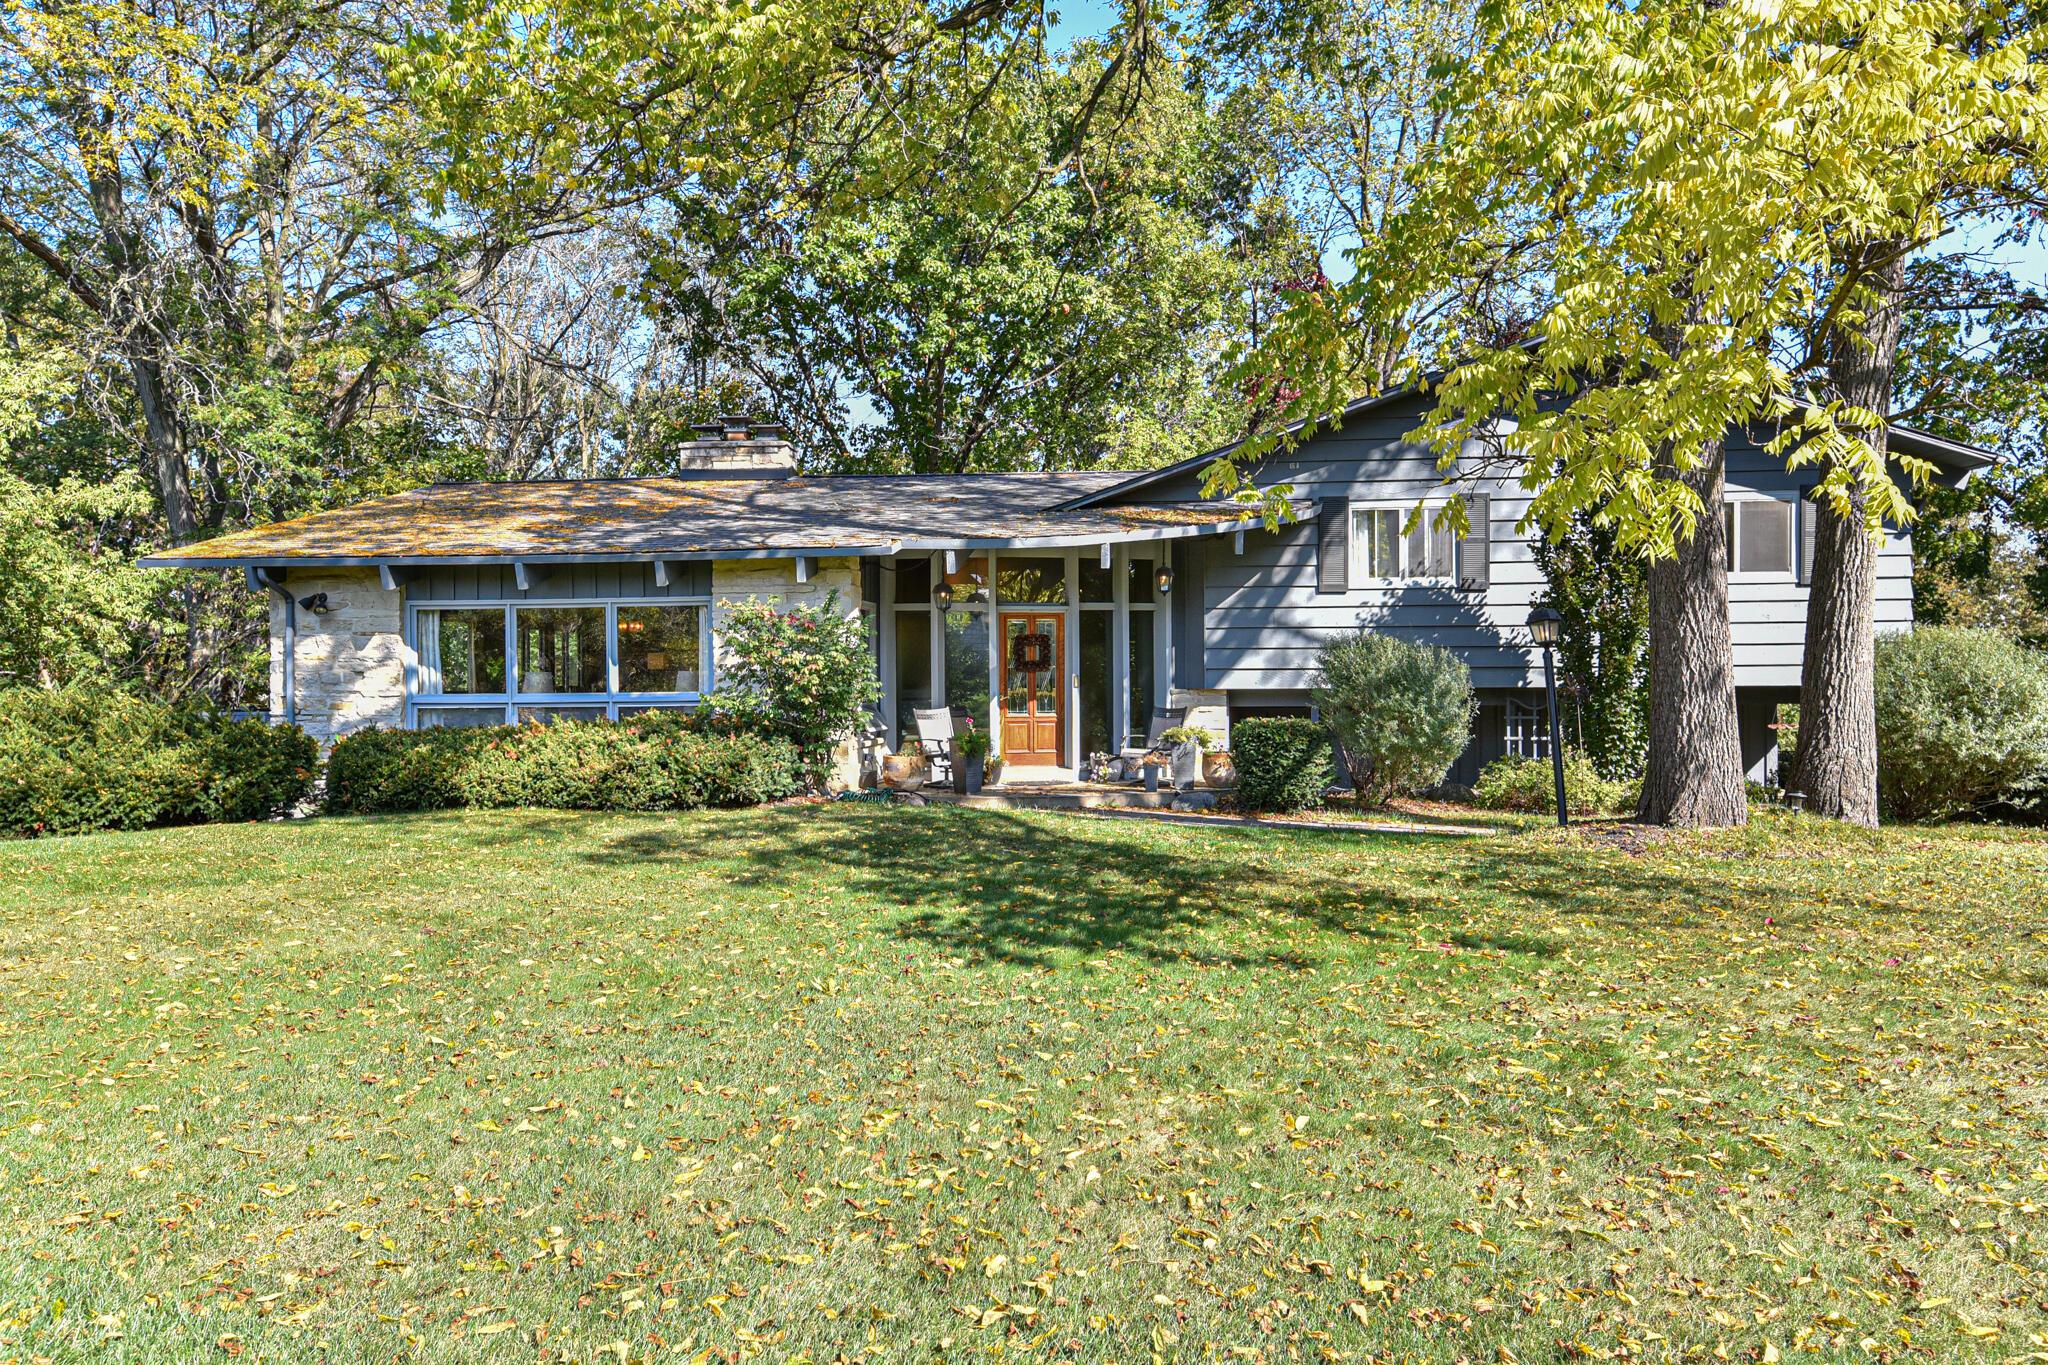 15220 Woodbridge Rd, Brookfield, Wisconsin 53005, 4 Bedrooms Bedrooms, 10 Rooms Rooms,2 BathroomsBathrooms,Single-Family,For Sale,Woodbridge Rd,1767141